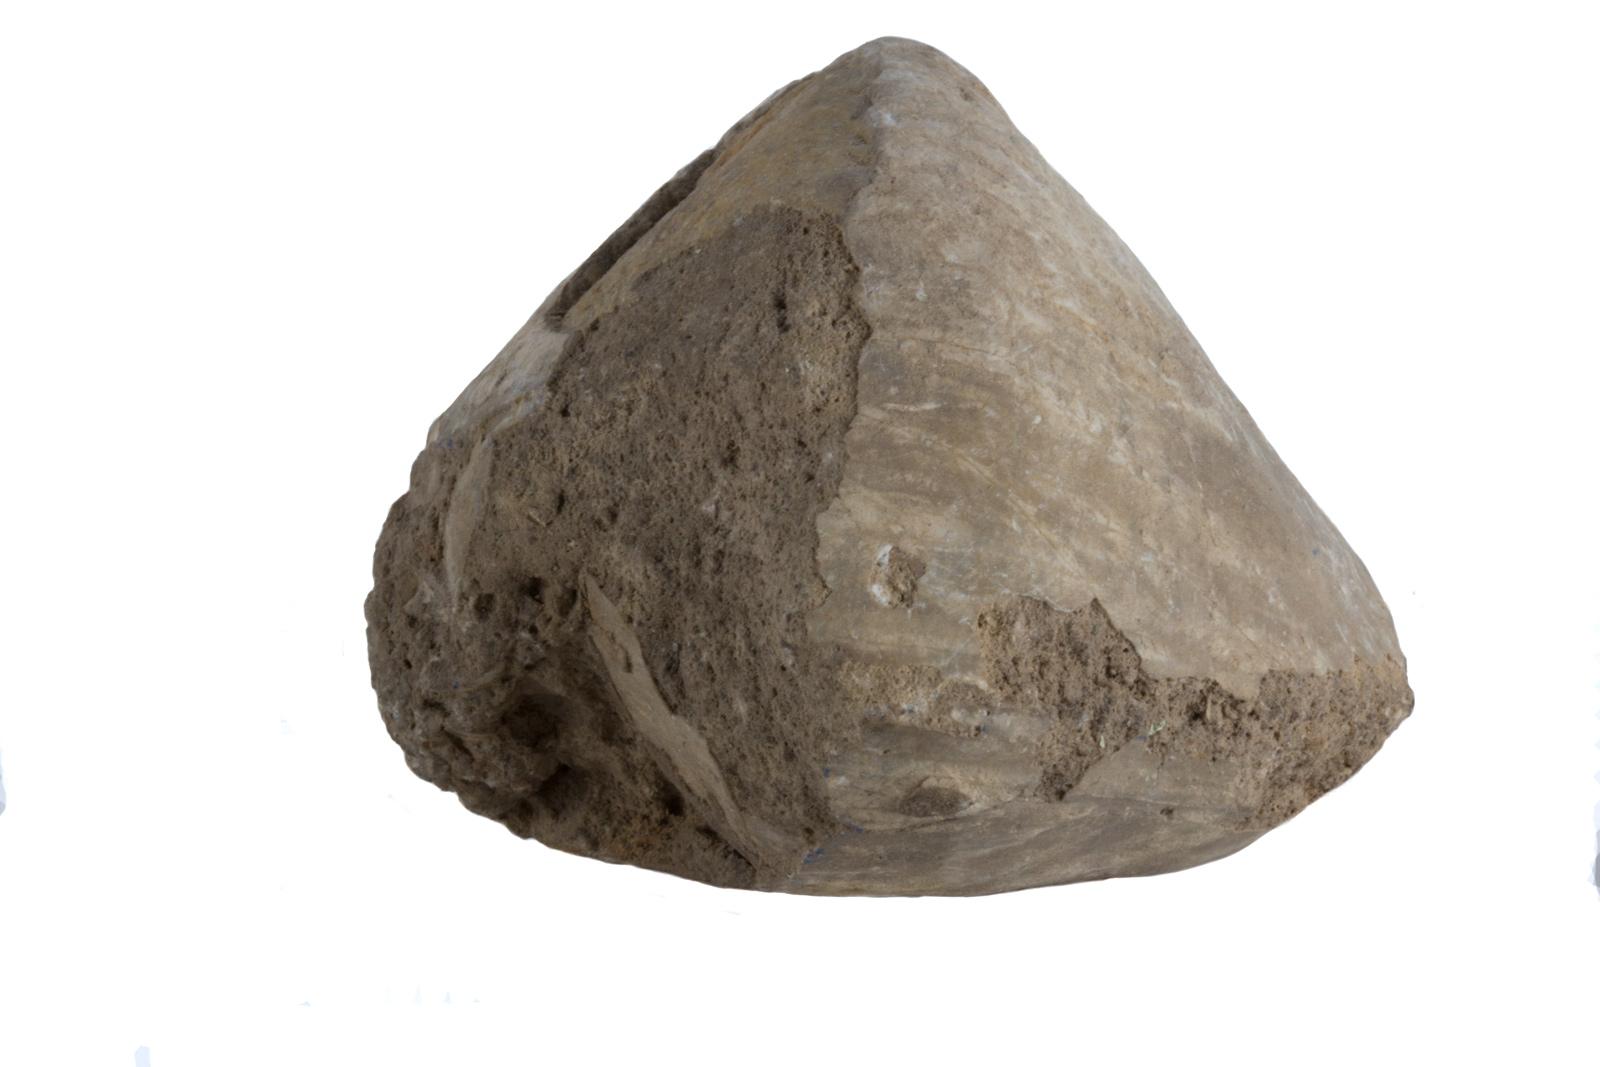 Strophomenata